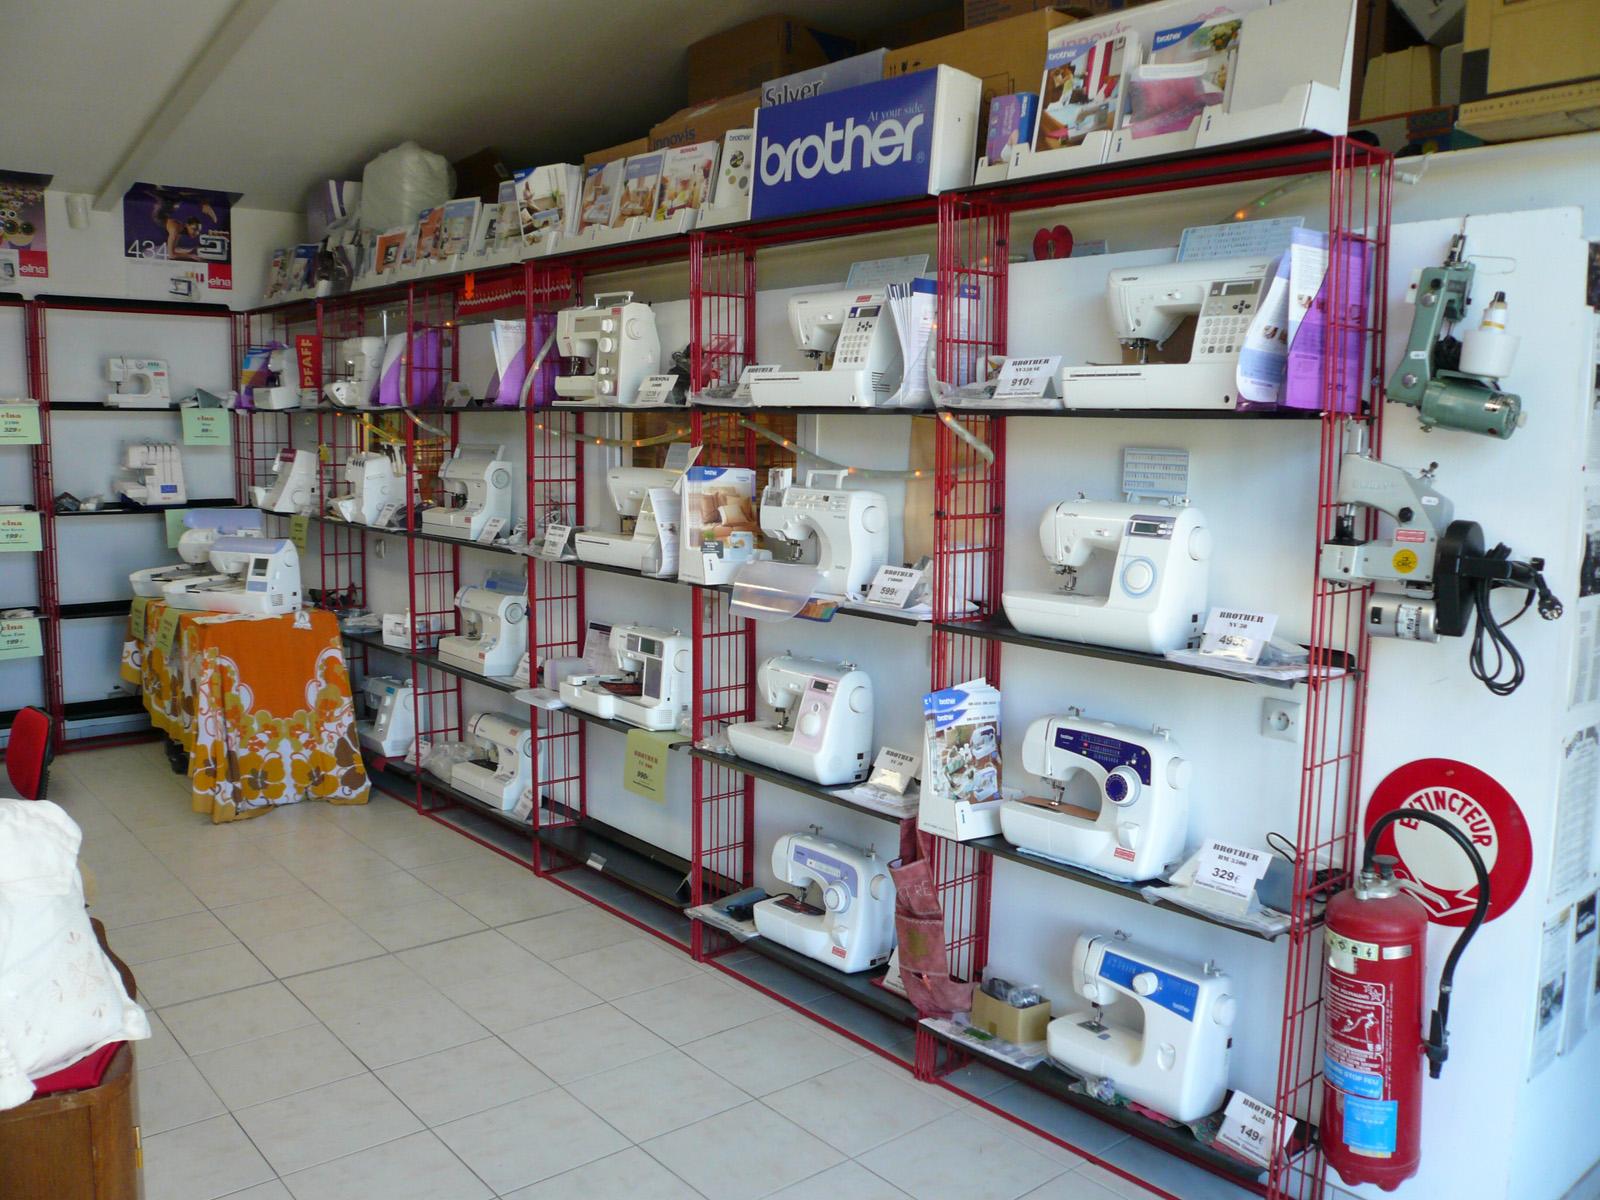 clinique et mus e de la machine coudre vente r paration restauration de machines coudre. Black Bedroom Furniture Sets. Home Design Ideas